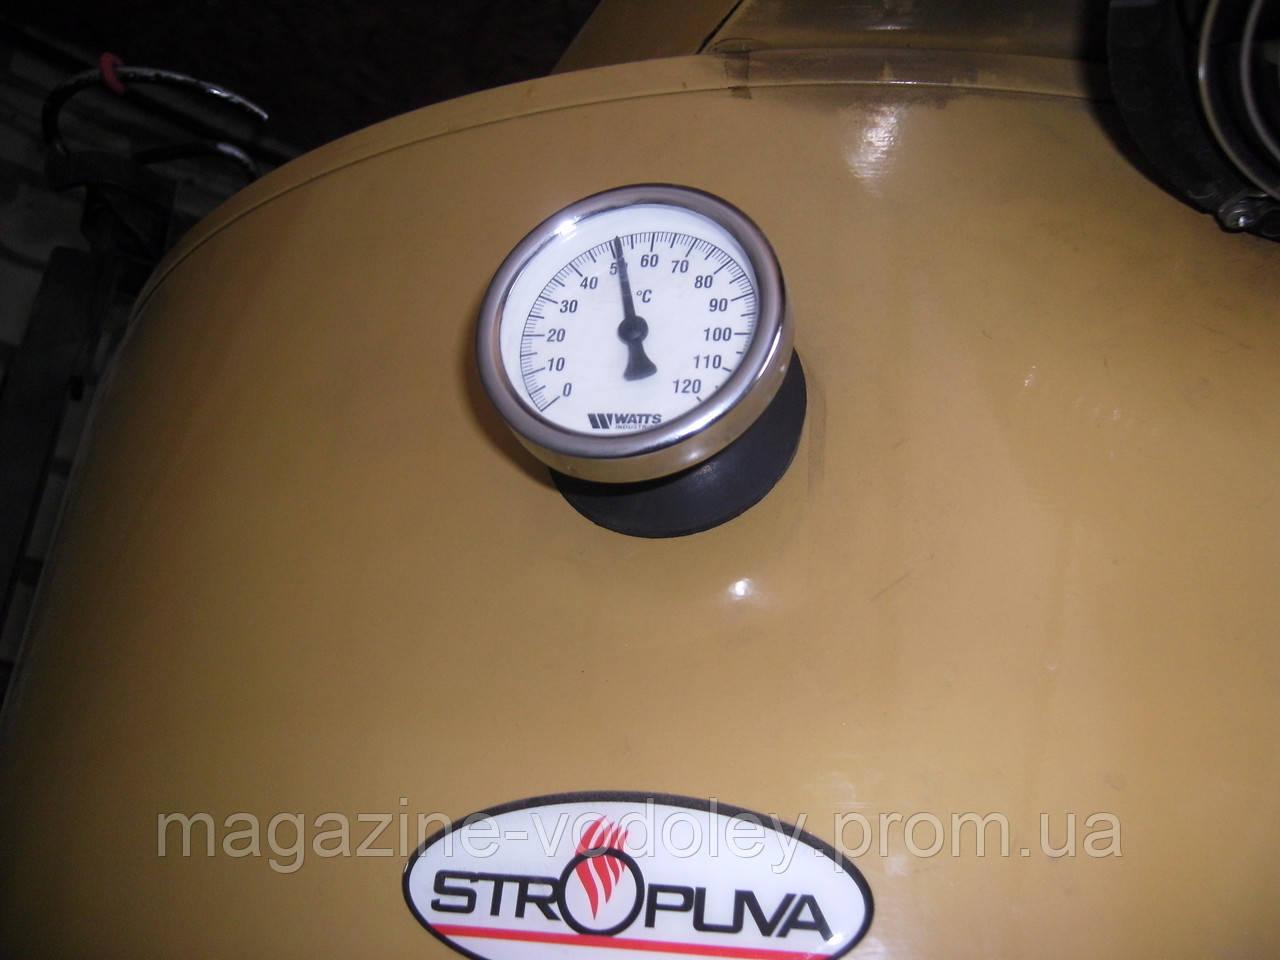 Котел на дровах STROPUVA S40 длительного горения